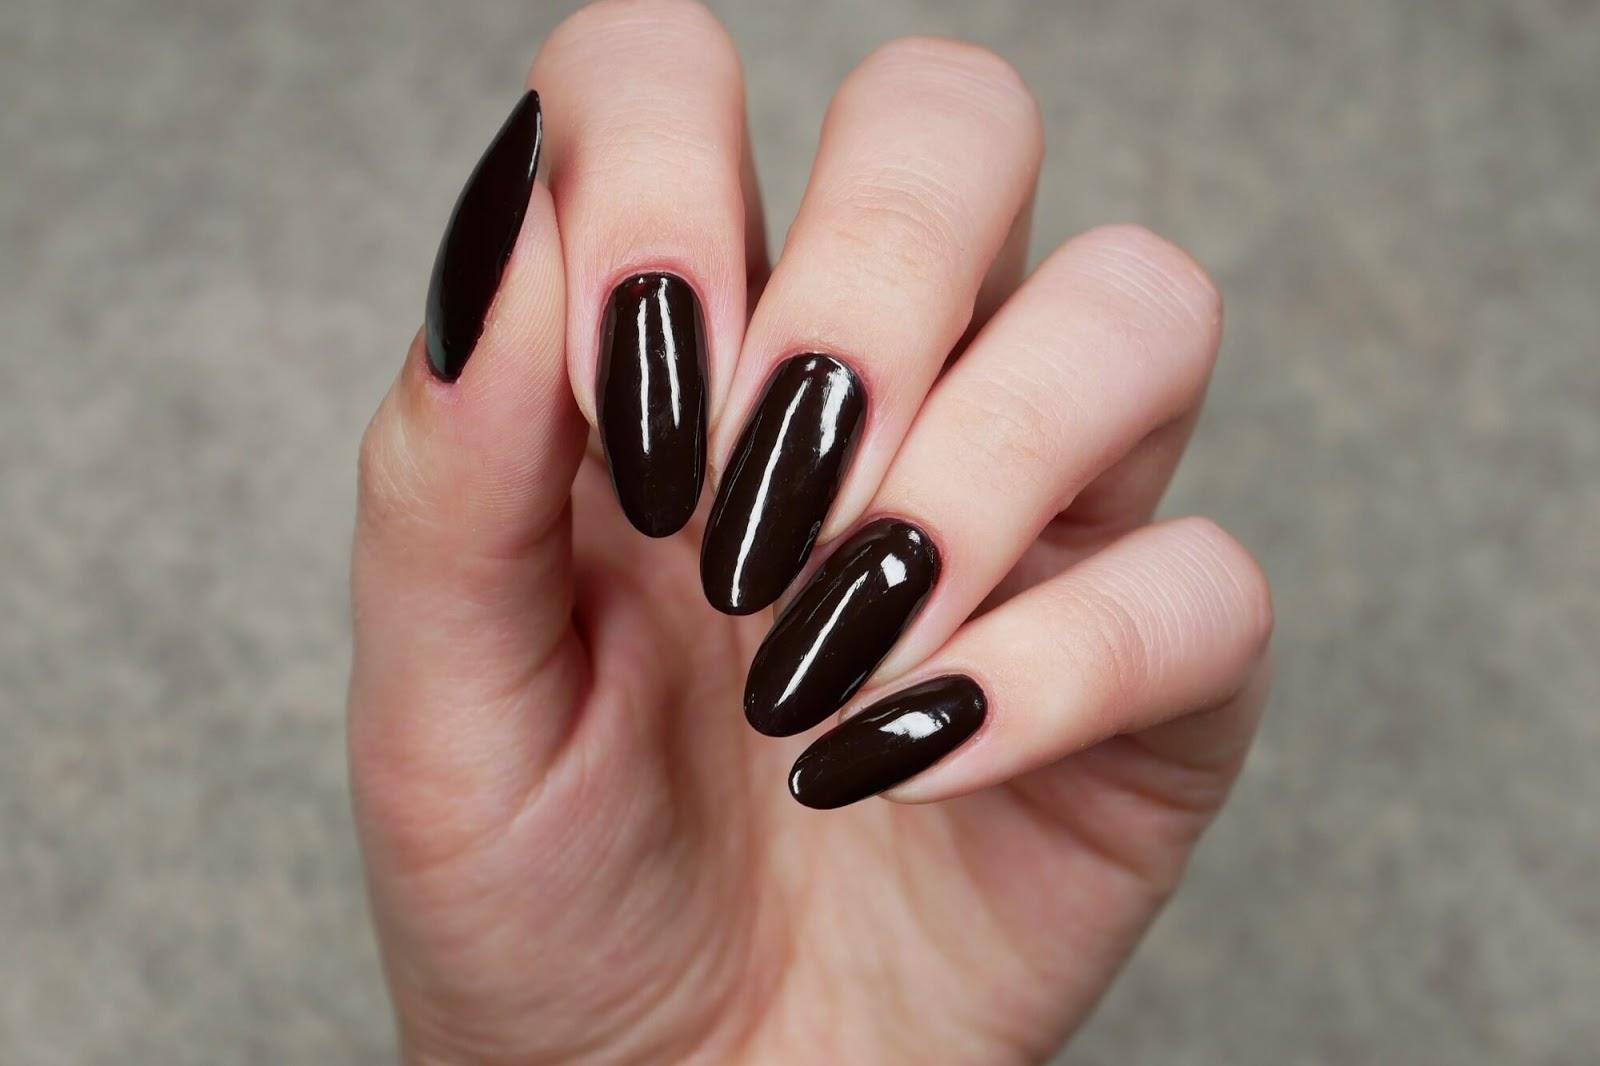 ciemnobrązowe, prawie czarne paznokcie